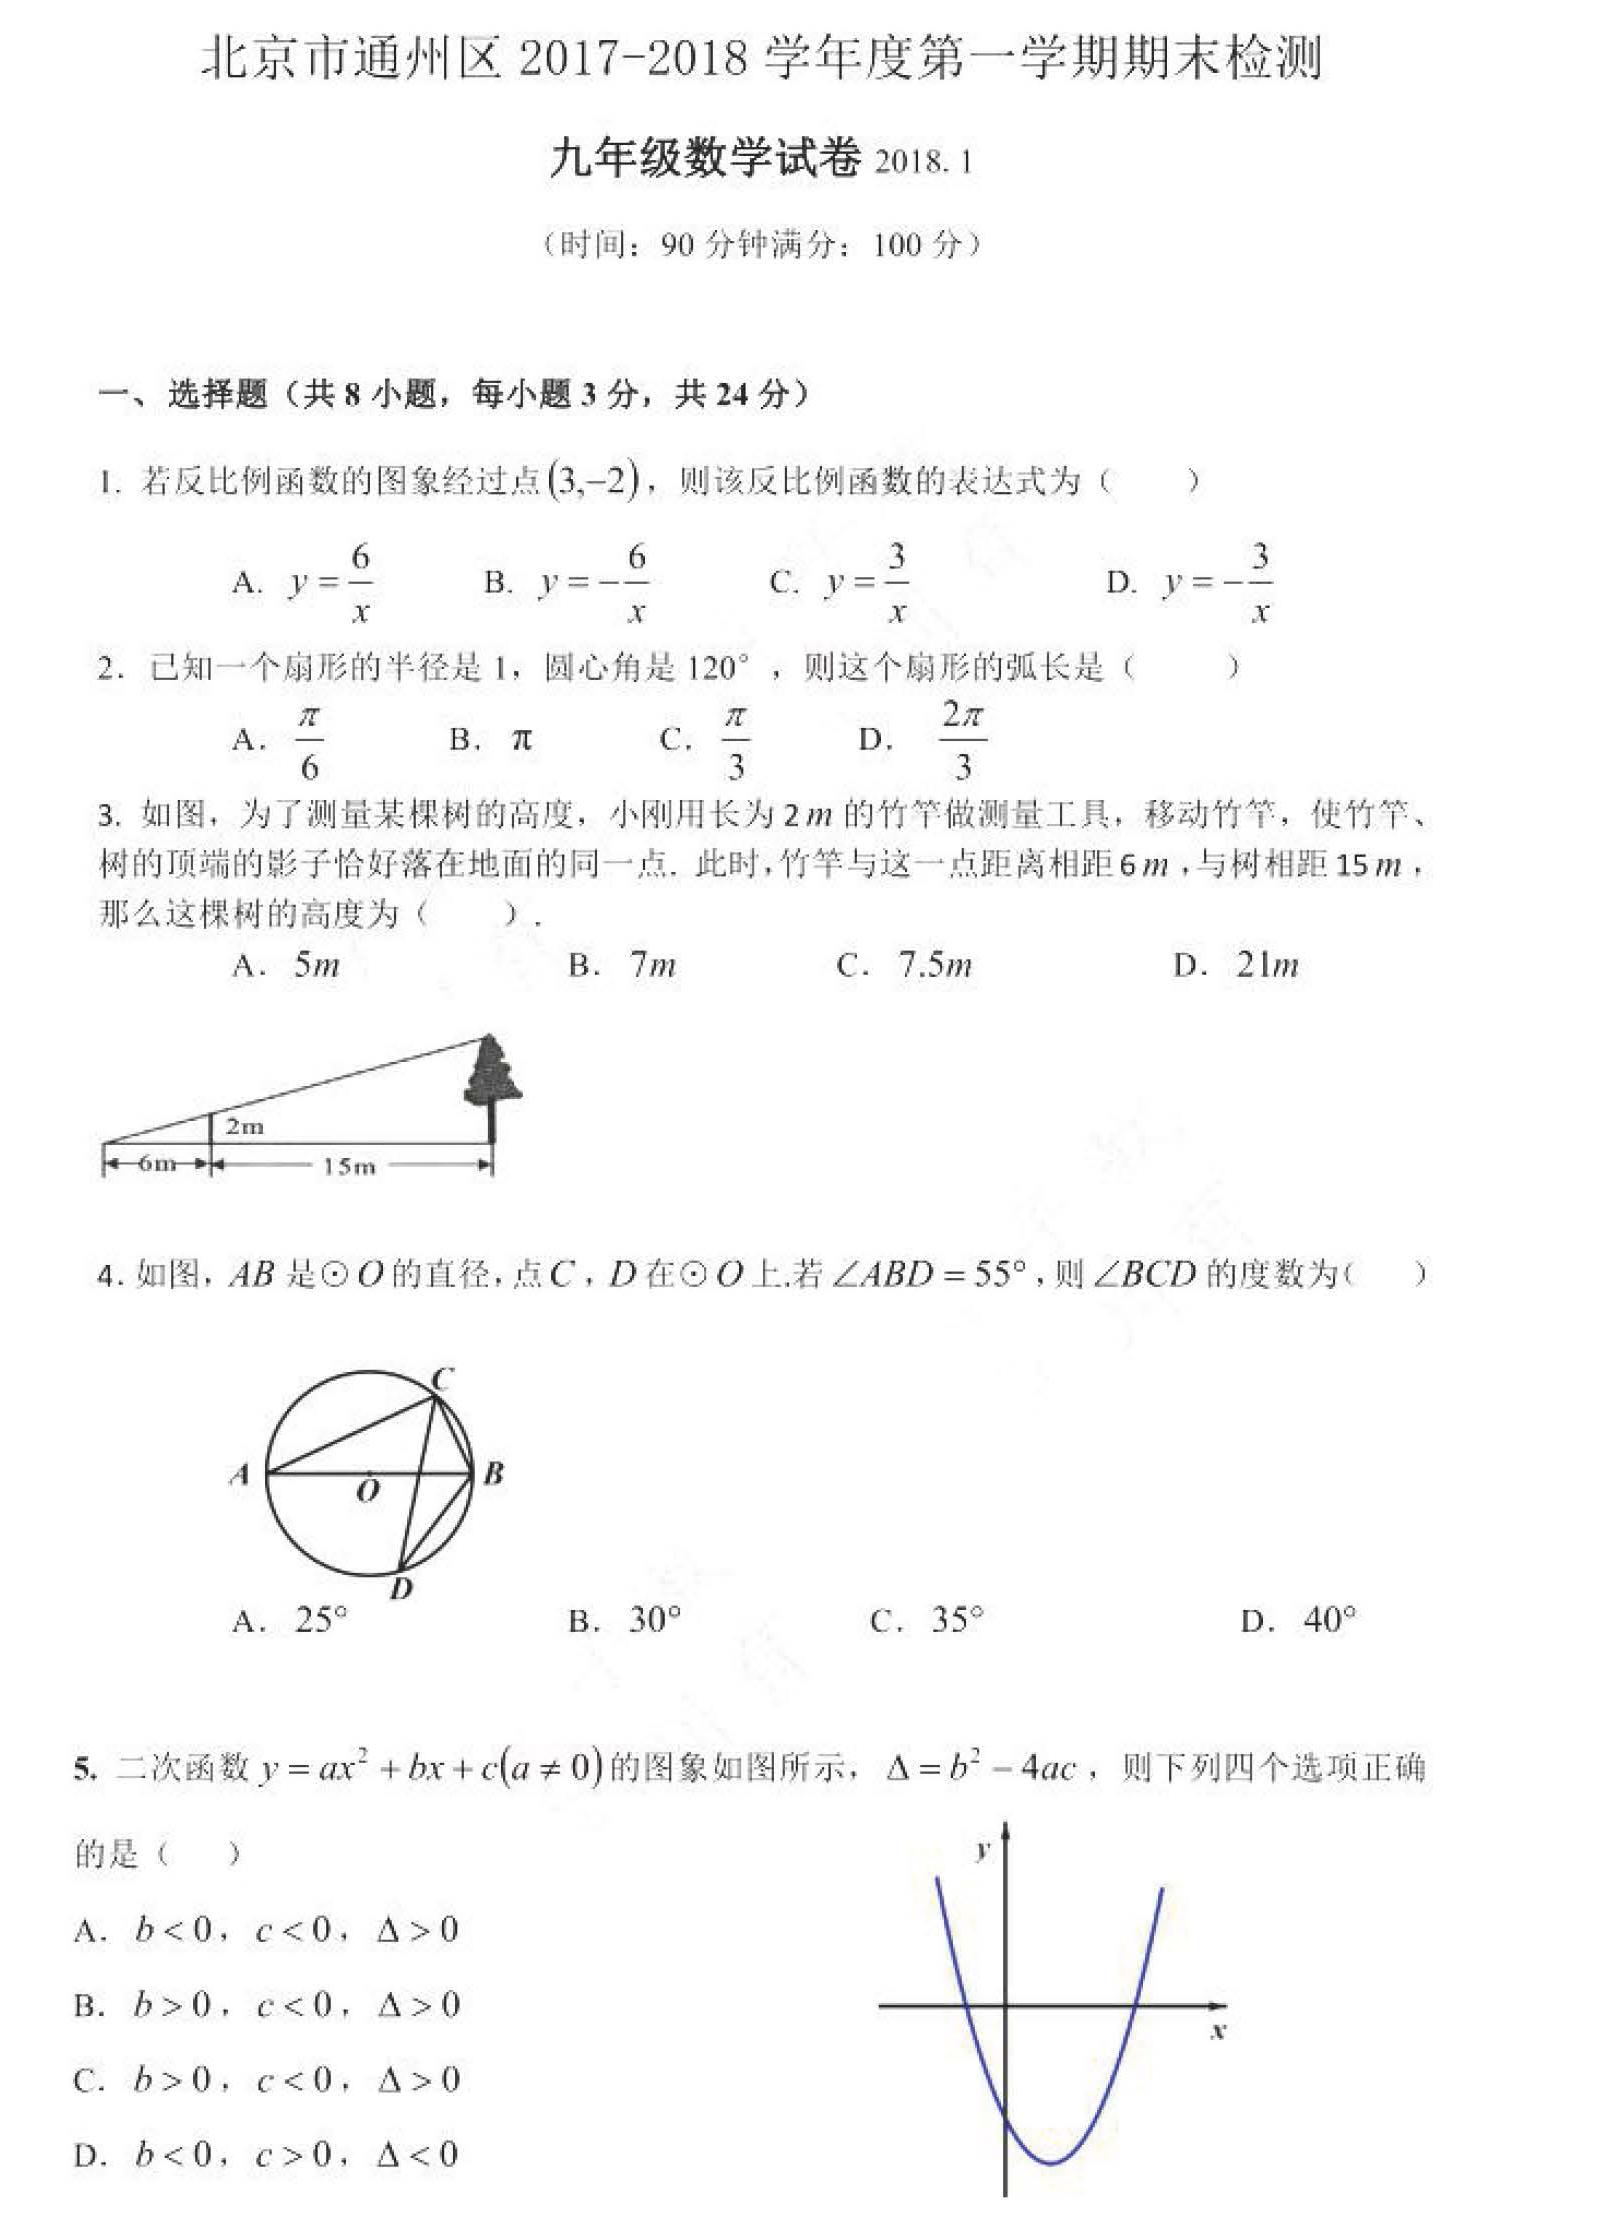 2018.1通州初三期末数学试题及答案解析(图片版)